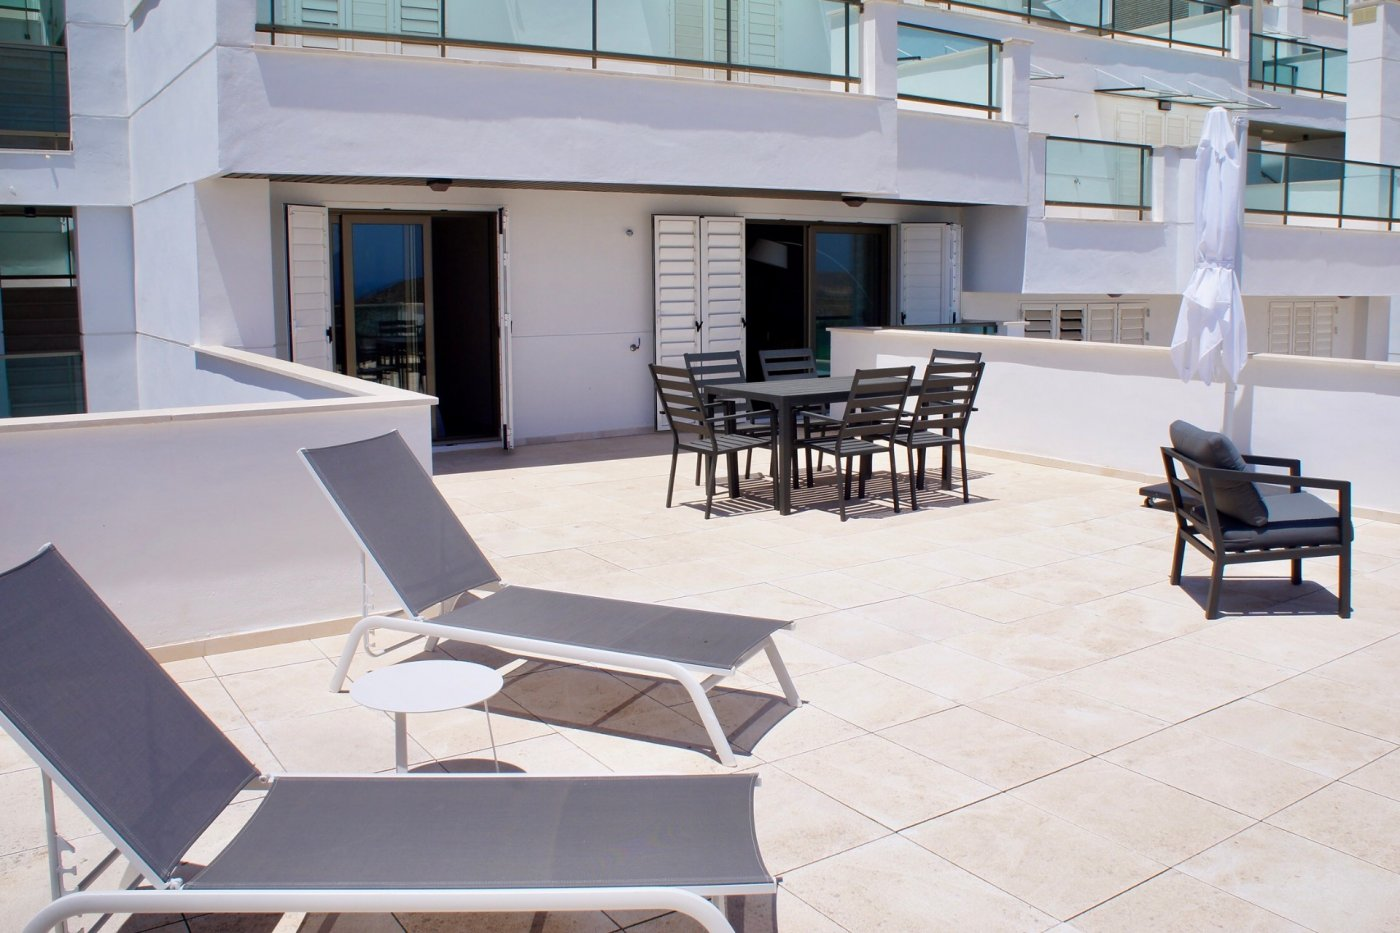 Imagen de la galería 3 of Gran apartamento orientado al sur de 3 dormitorios y 2 baños con preciosas vistas y 75 m2 de teraza